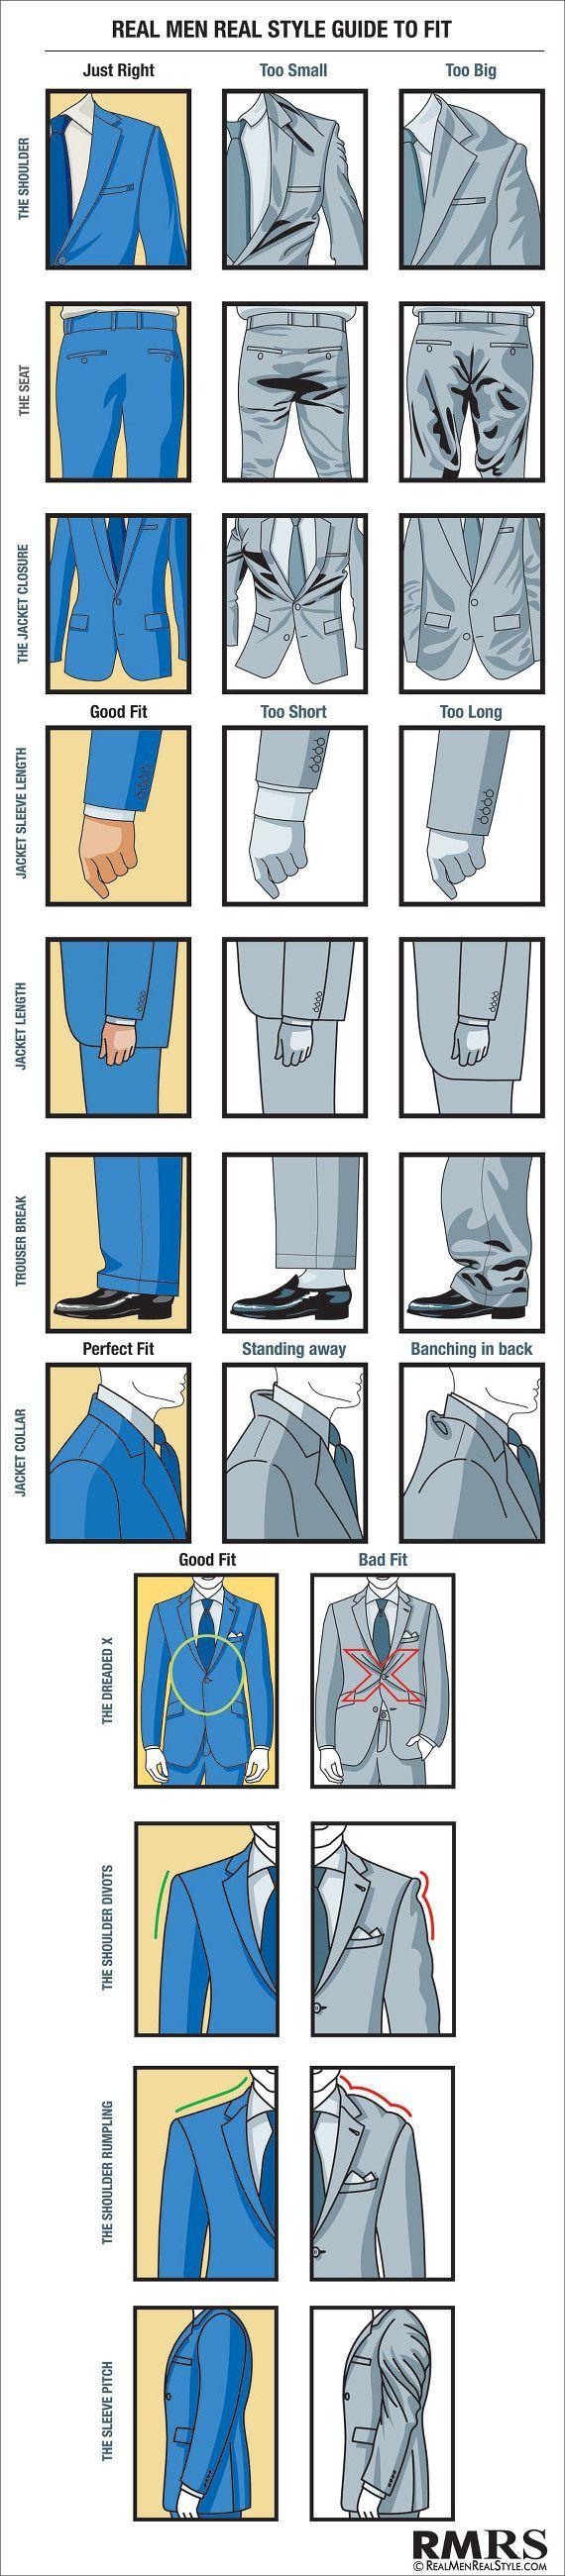 Anzug Knigge: Der richtige Anzug für jede Figur #manoutfit